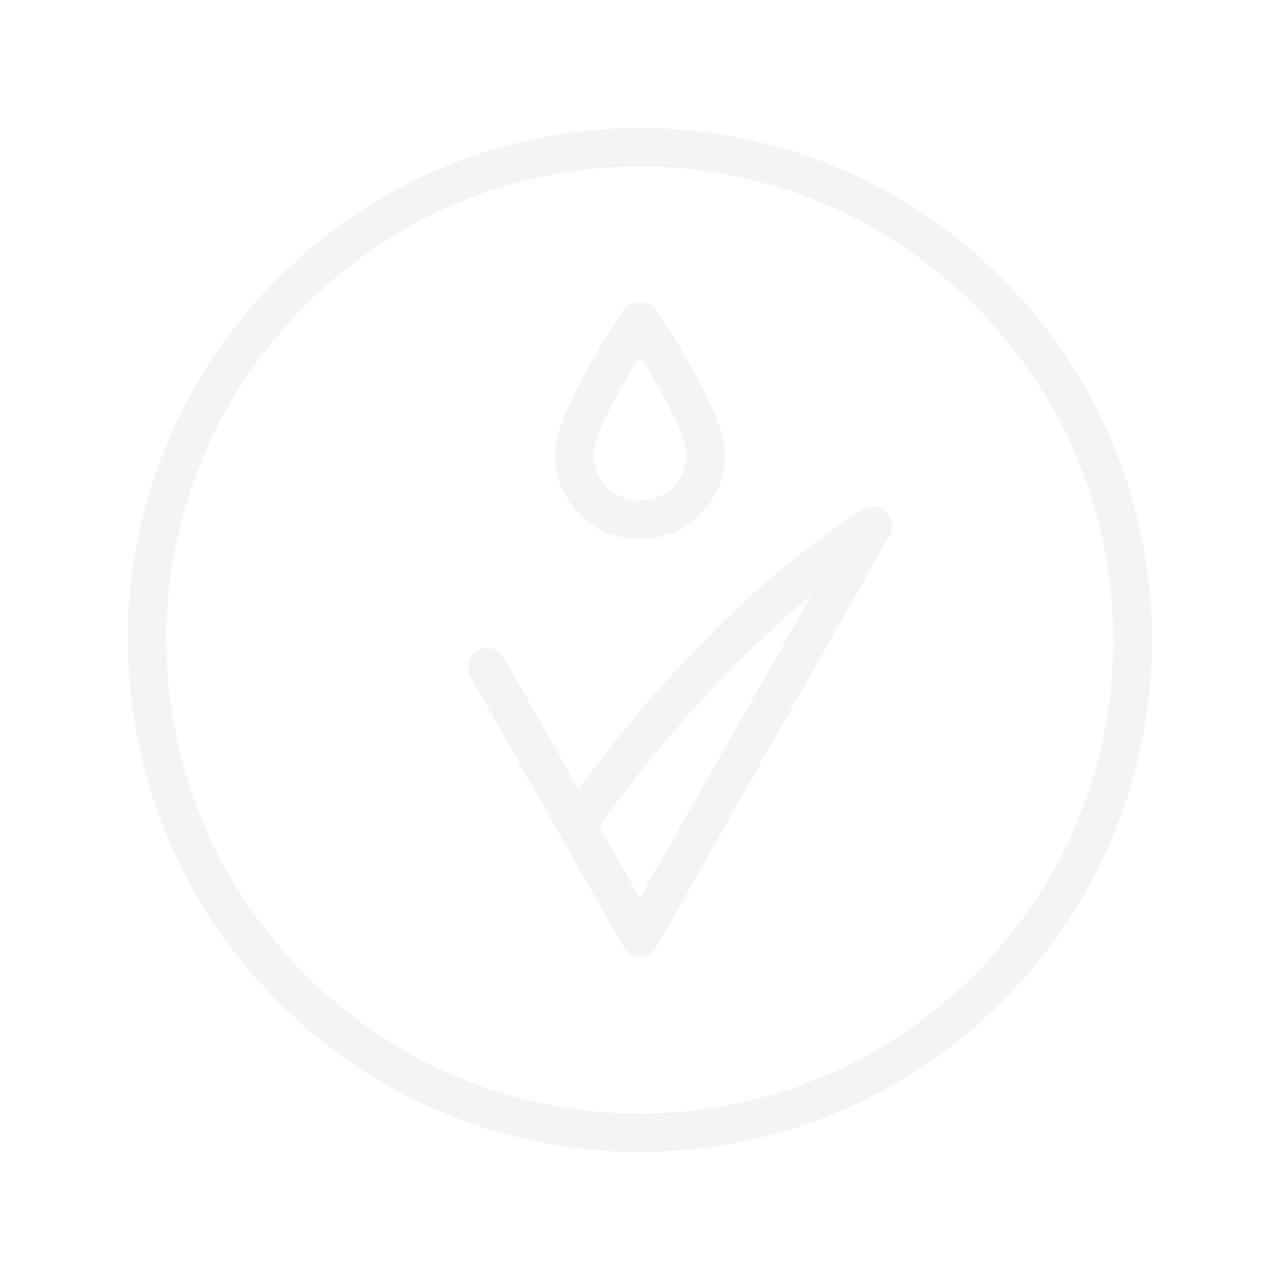 BOURJOIS Rouge Velvet The Lipstick 2.4g